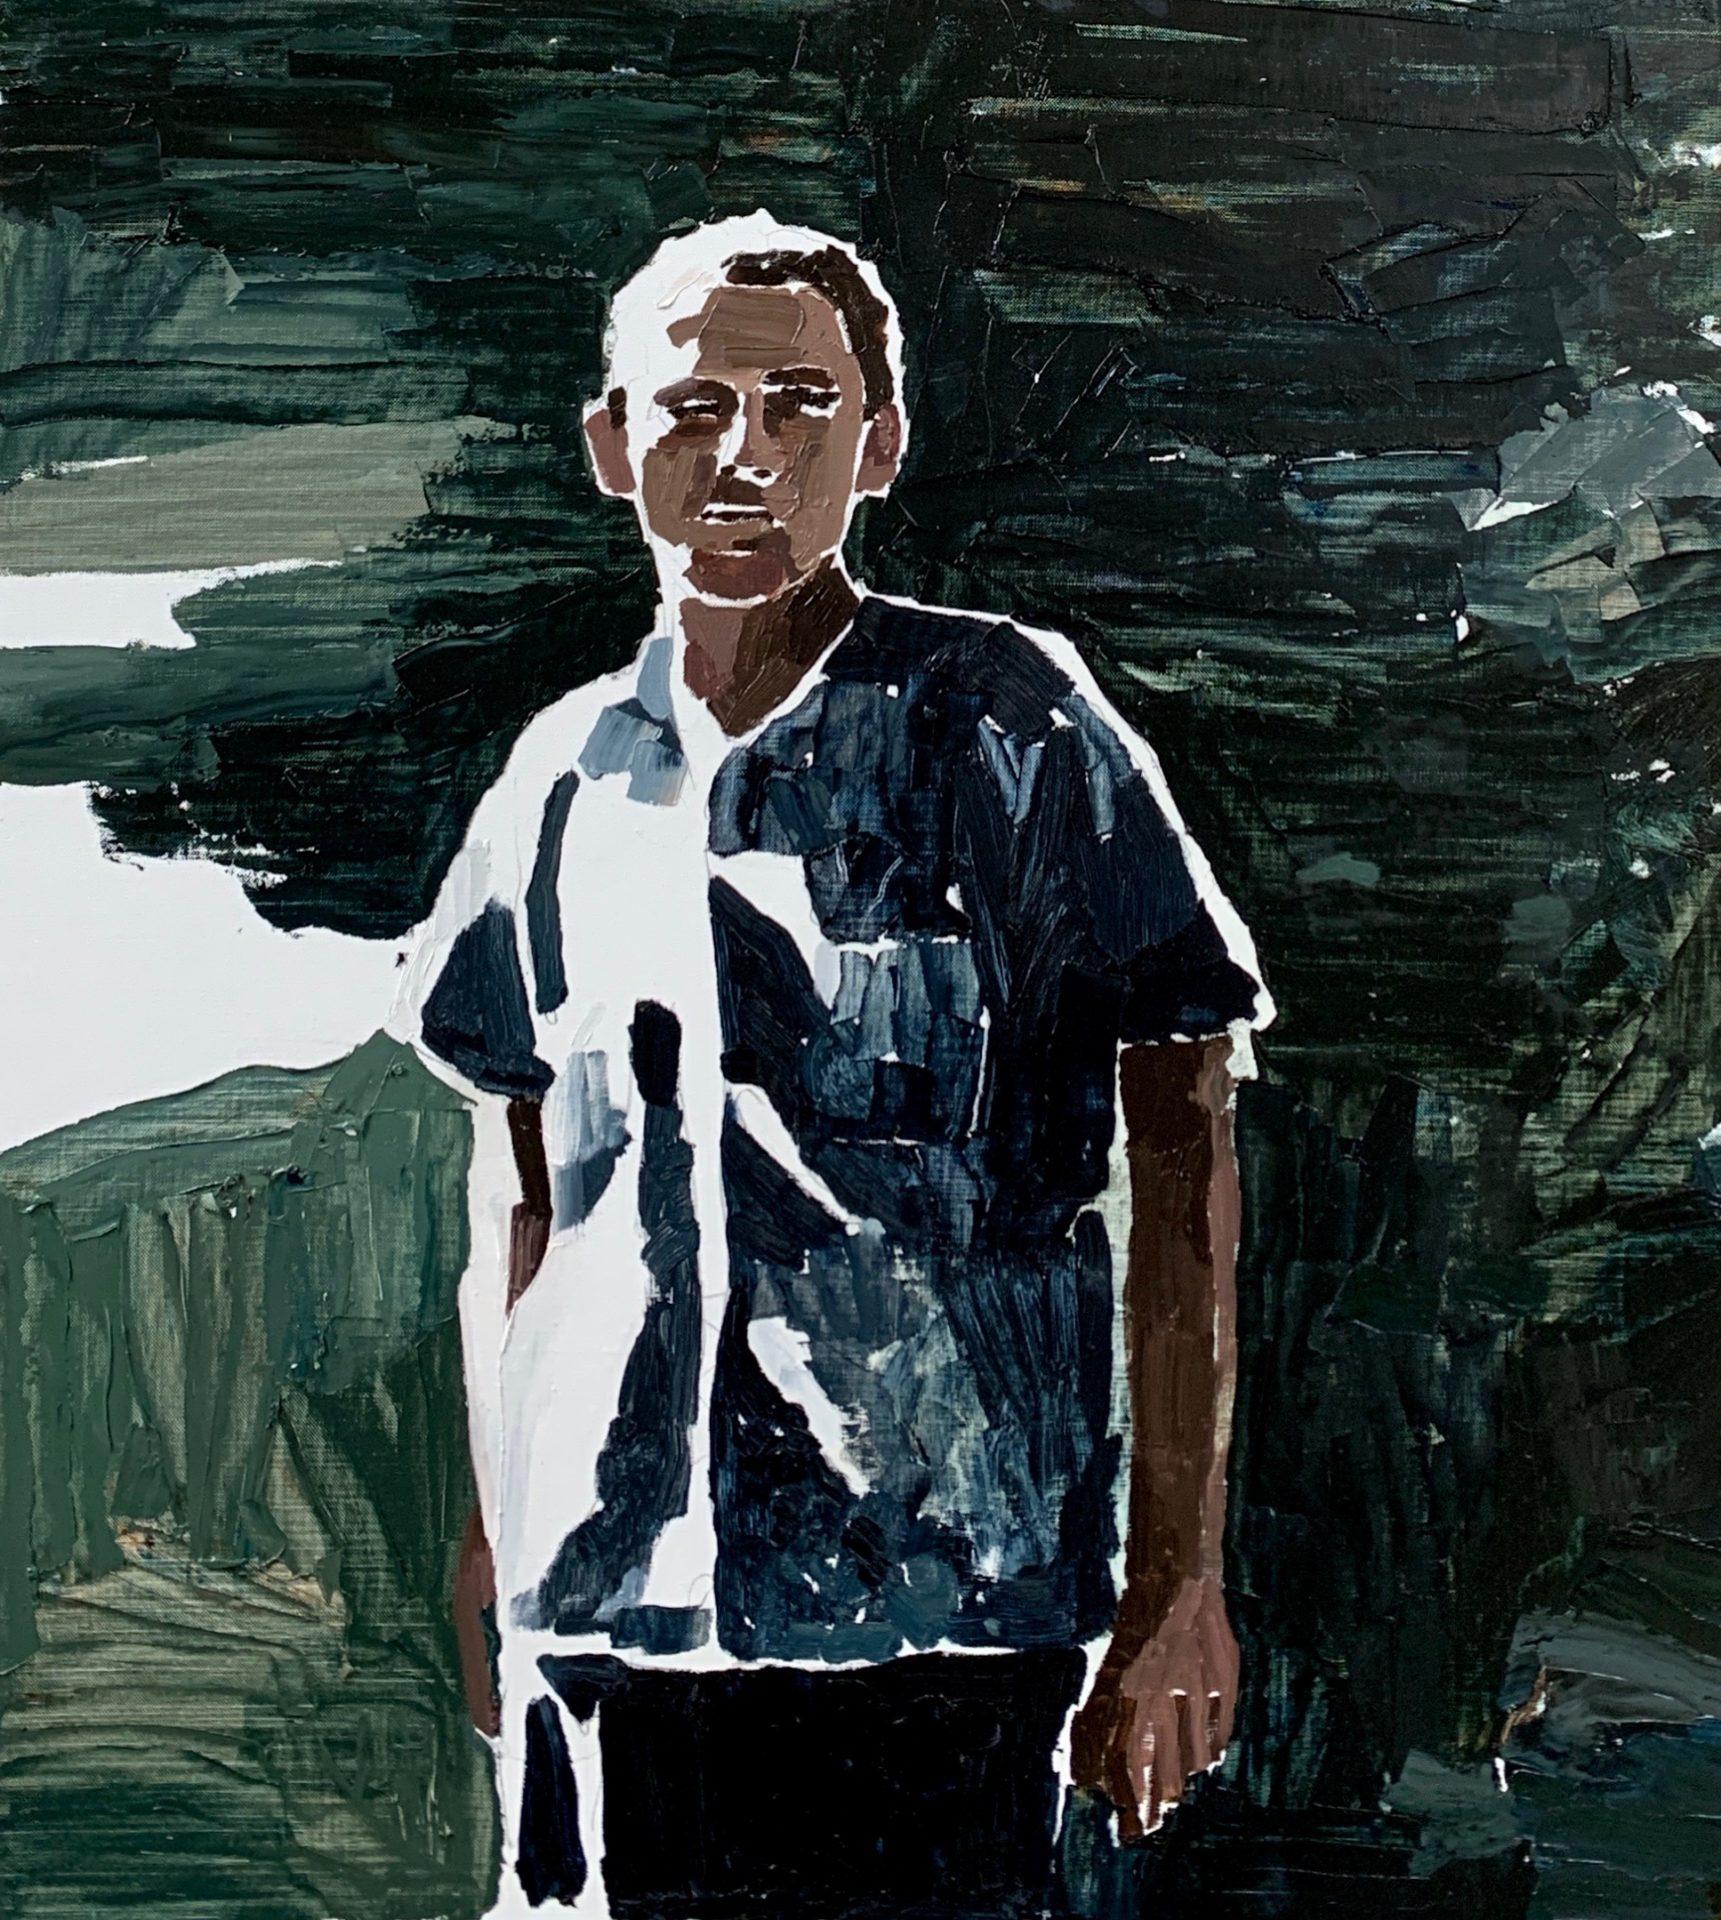 Man and Green Shadows